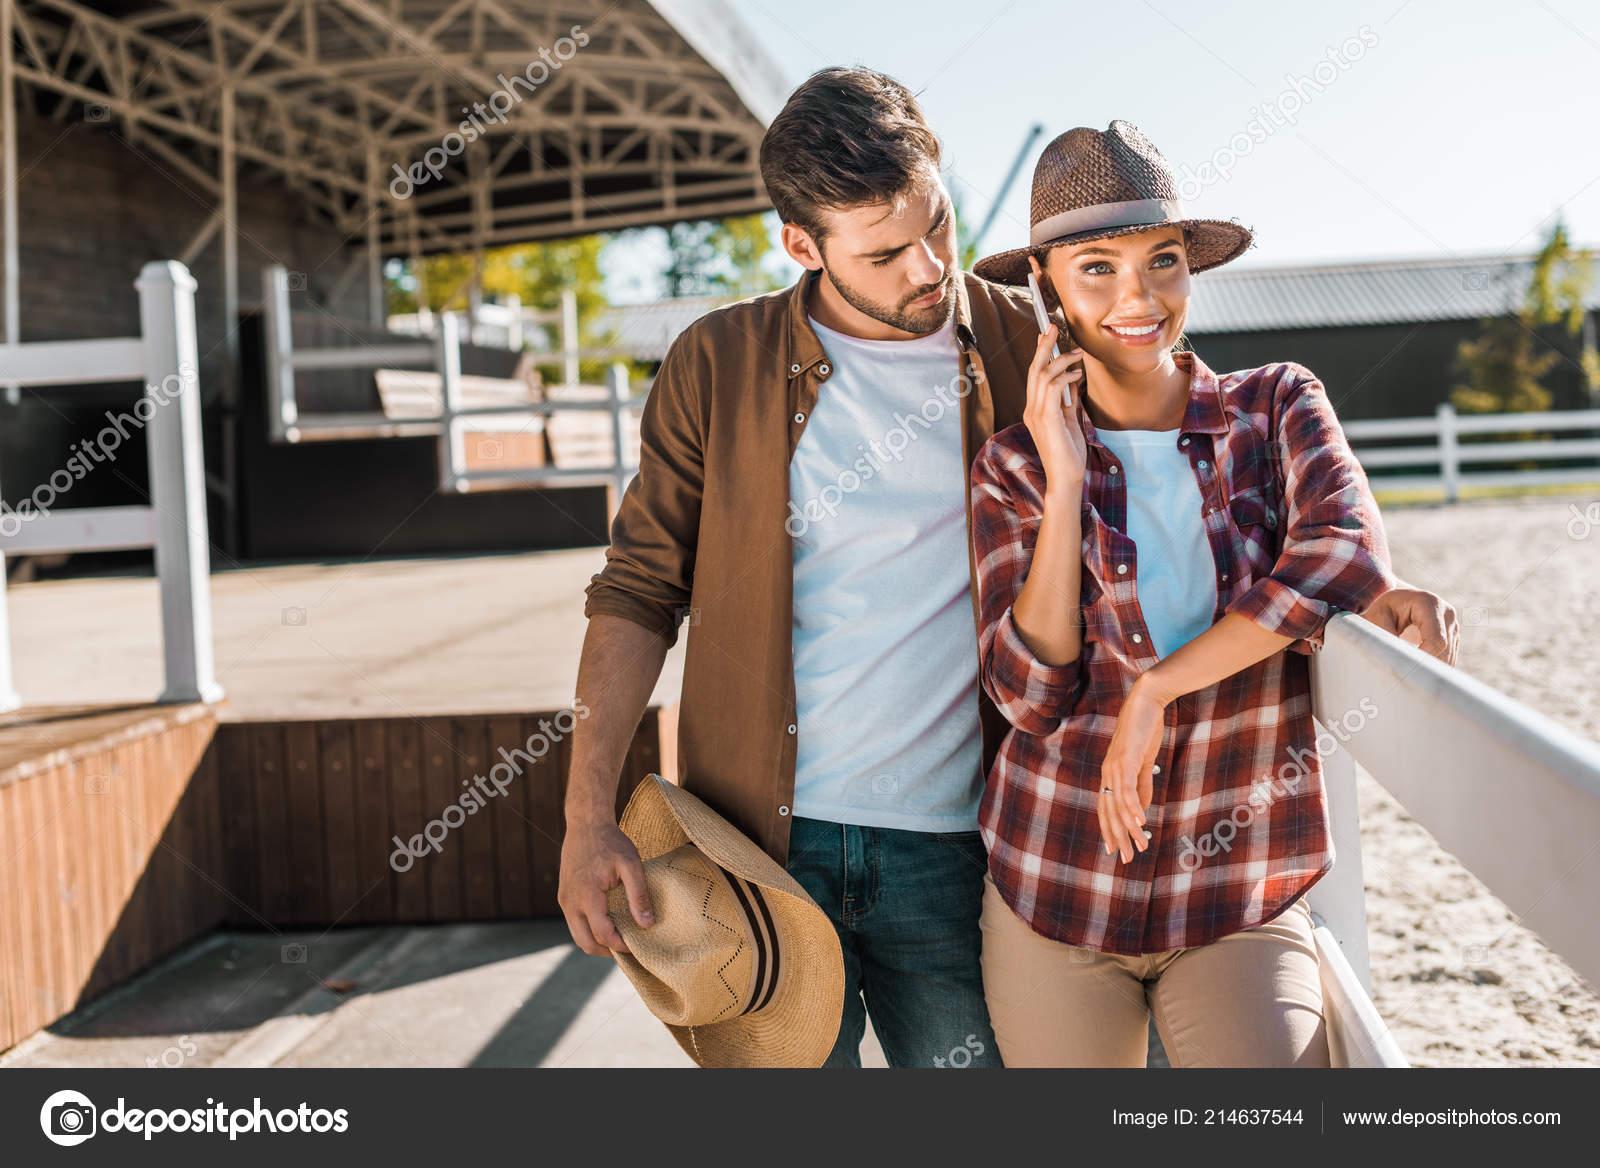 19af6880bcfe0 Estilo Vaquero Vaquera Ropa Casual Pie Junto Valla Rancho Mujer — Foto de  Stock